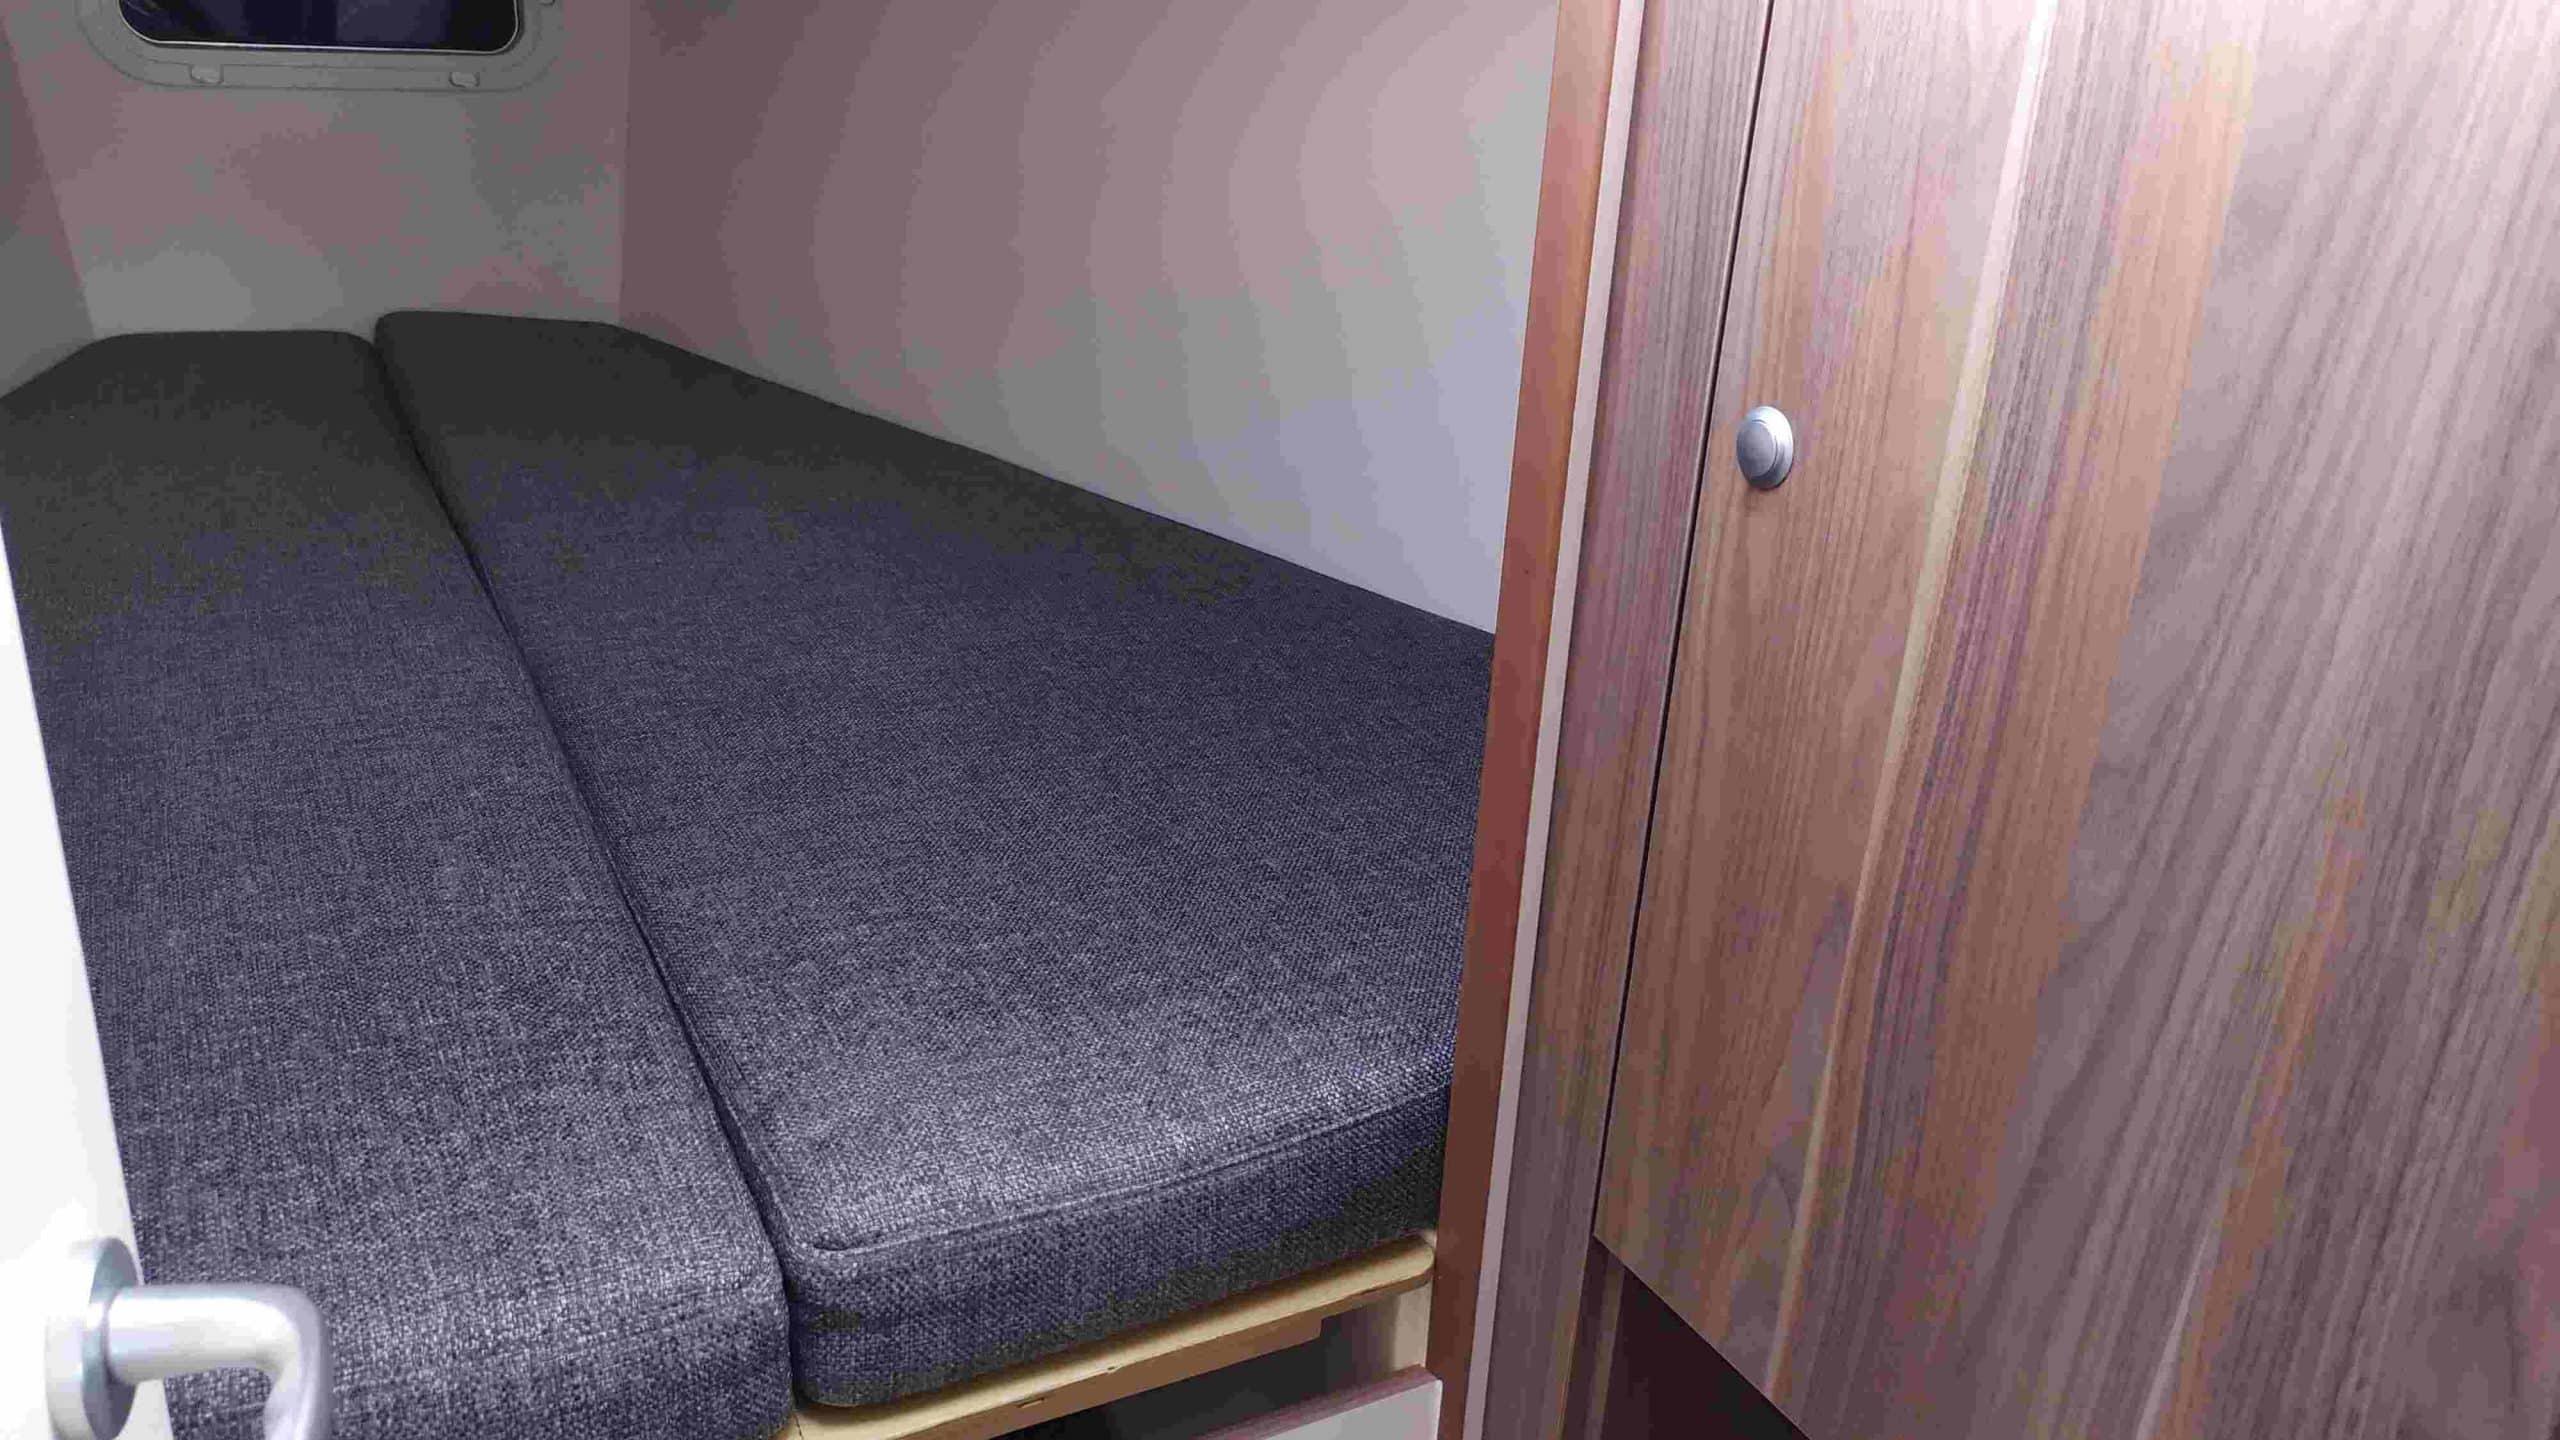 Lorelai-Dehler Varinata-44 bou cabin